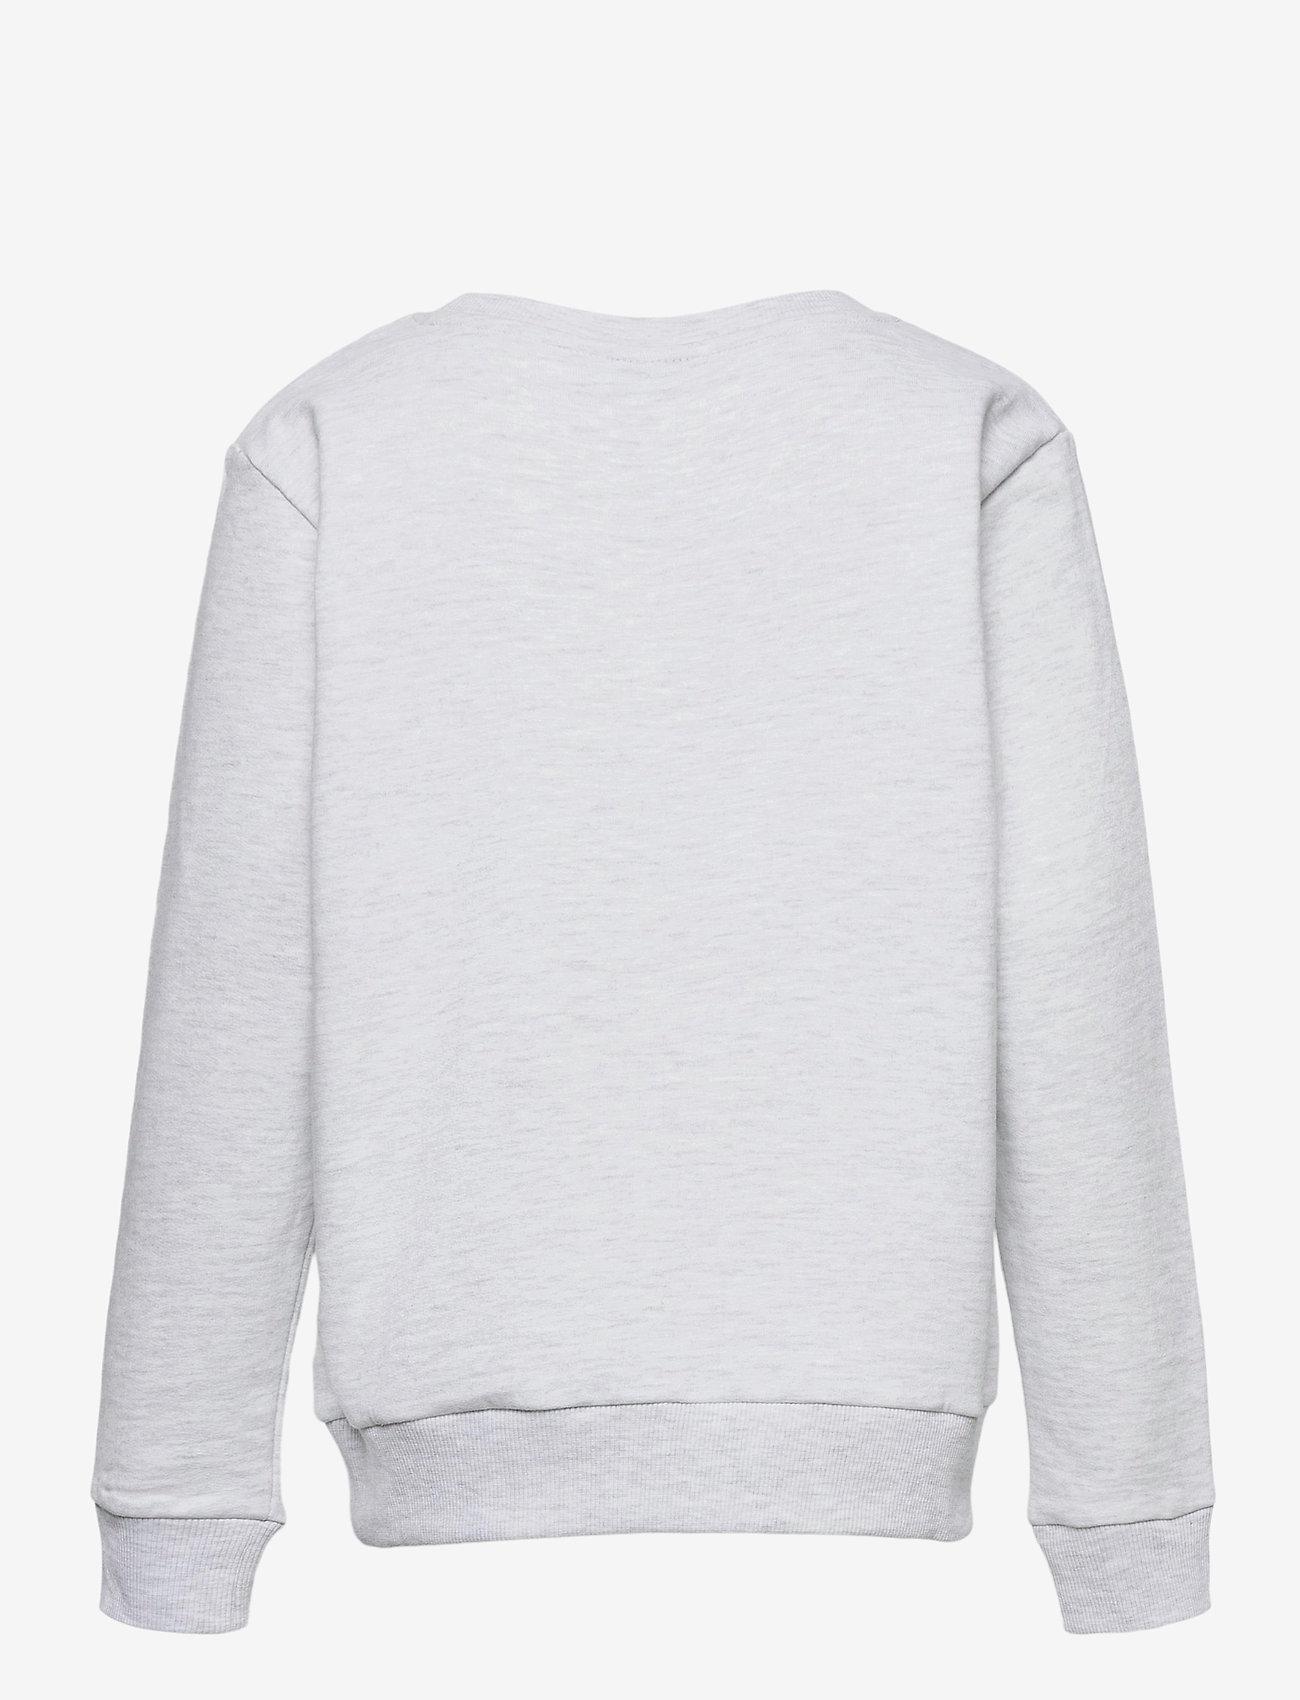 LMTD - NLMFISTAN LS SWEAT - sweatshirts - oatmeal - 1